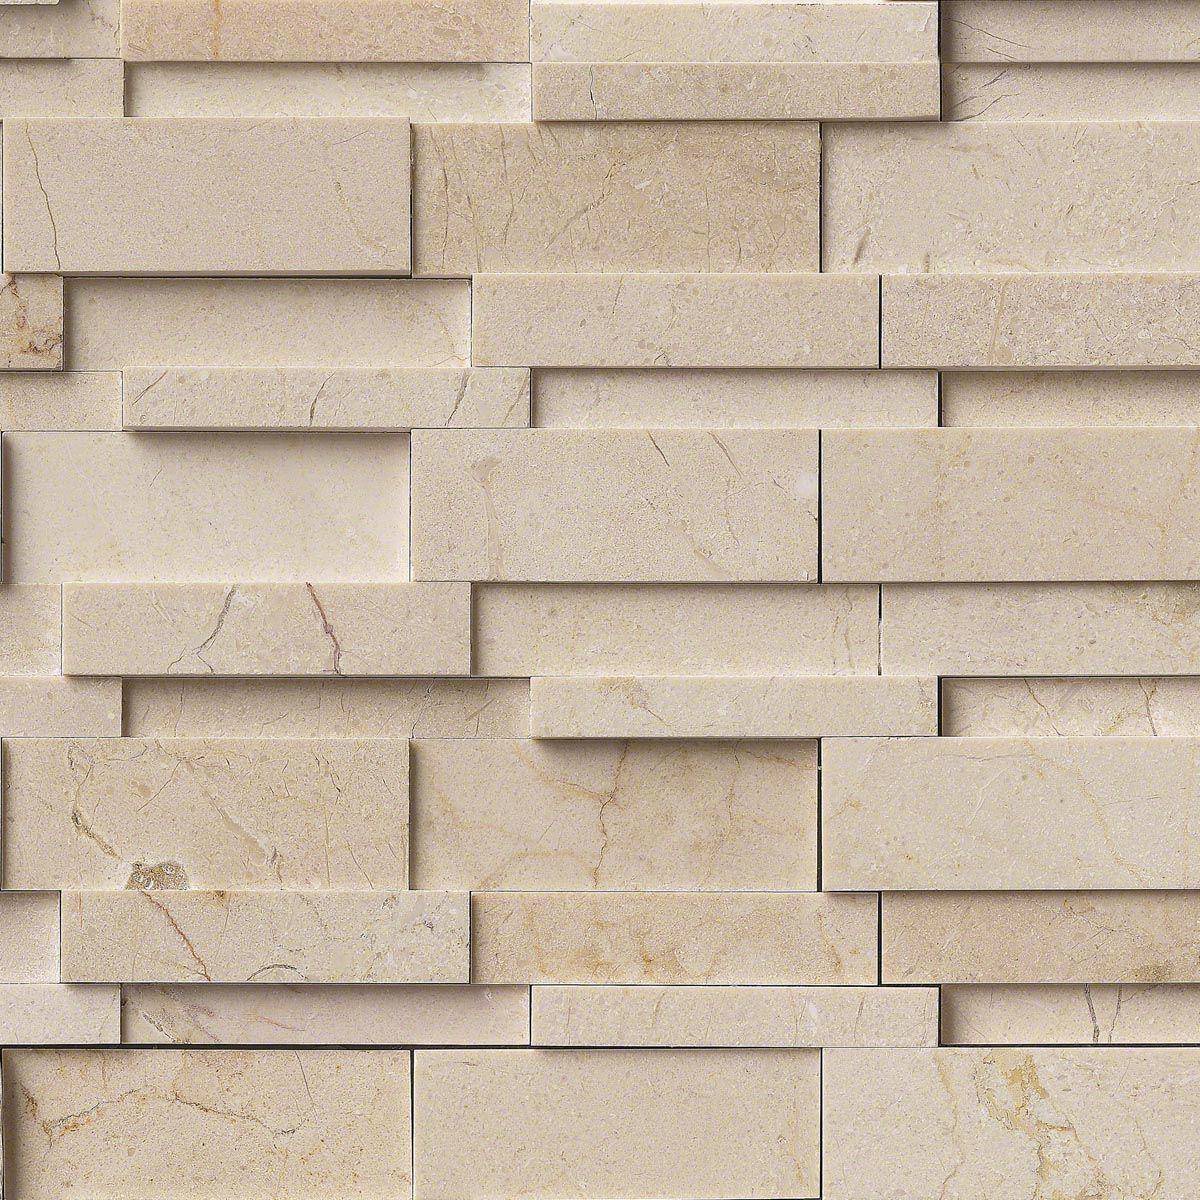 Hedron Interlocking 3d Polished Pattern Marble Backsplash Tile Marble Tile Backsplash Linear Fireplace Absolute Black Granite